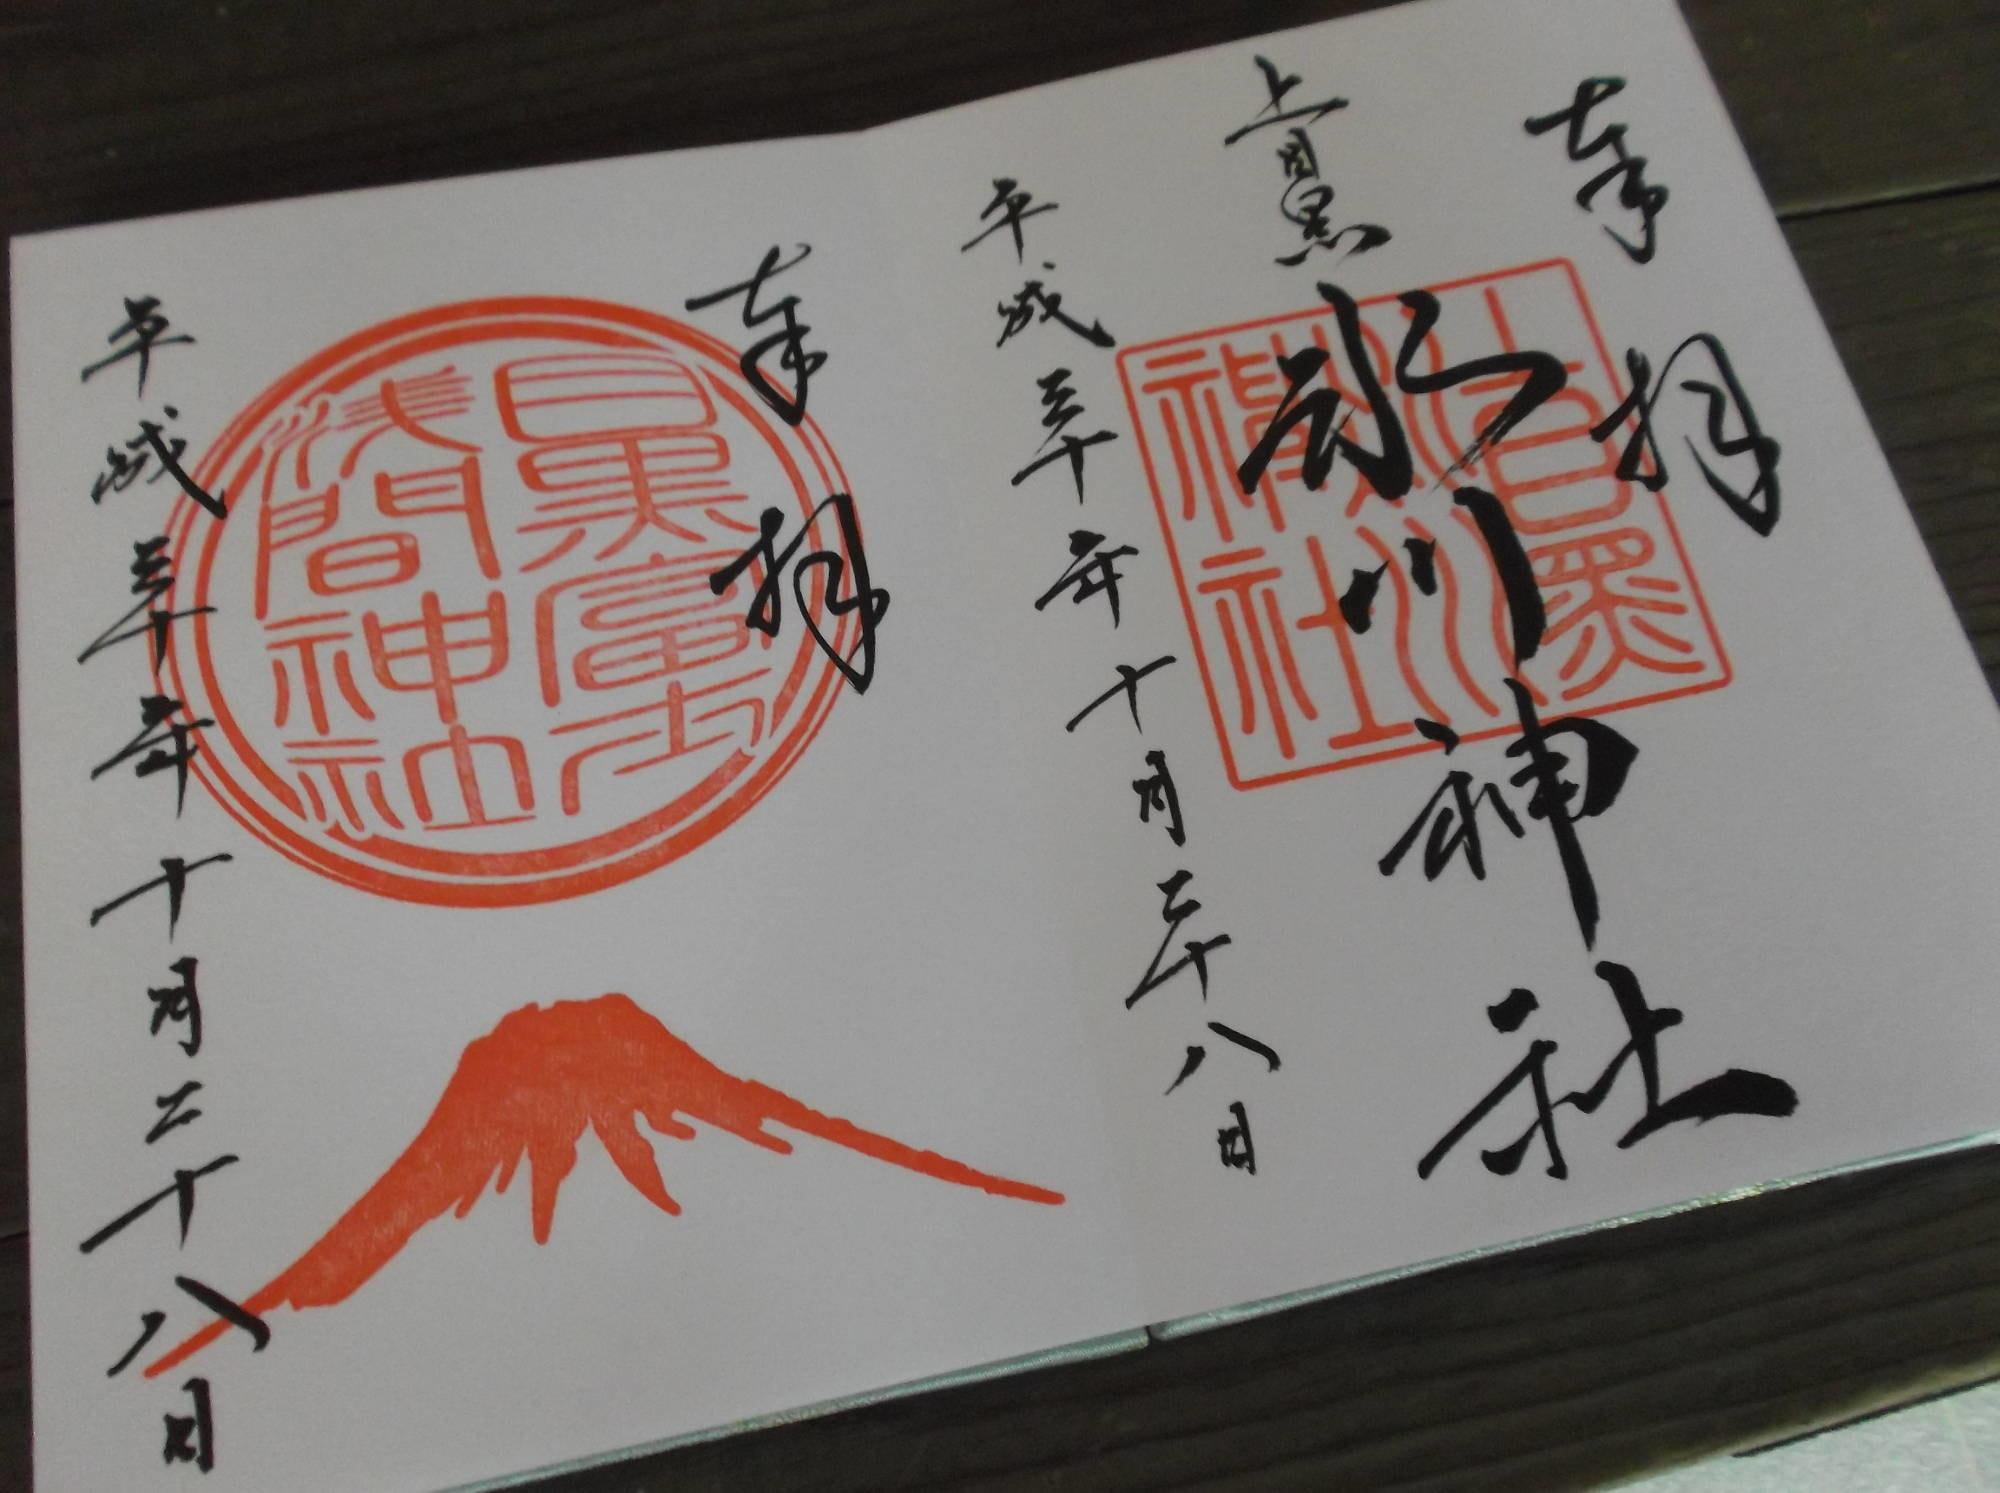 】上目黒氷川神社と浅間神社の御朱印